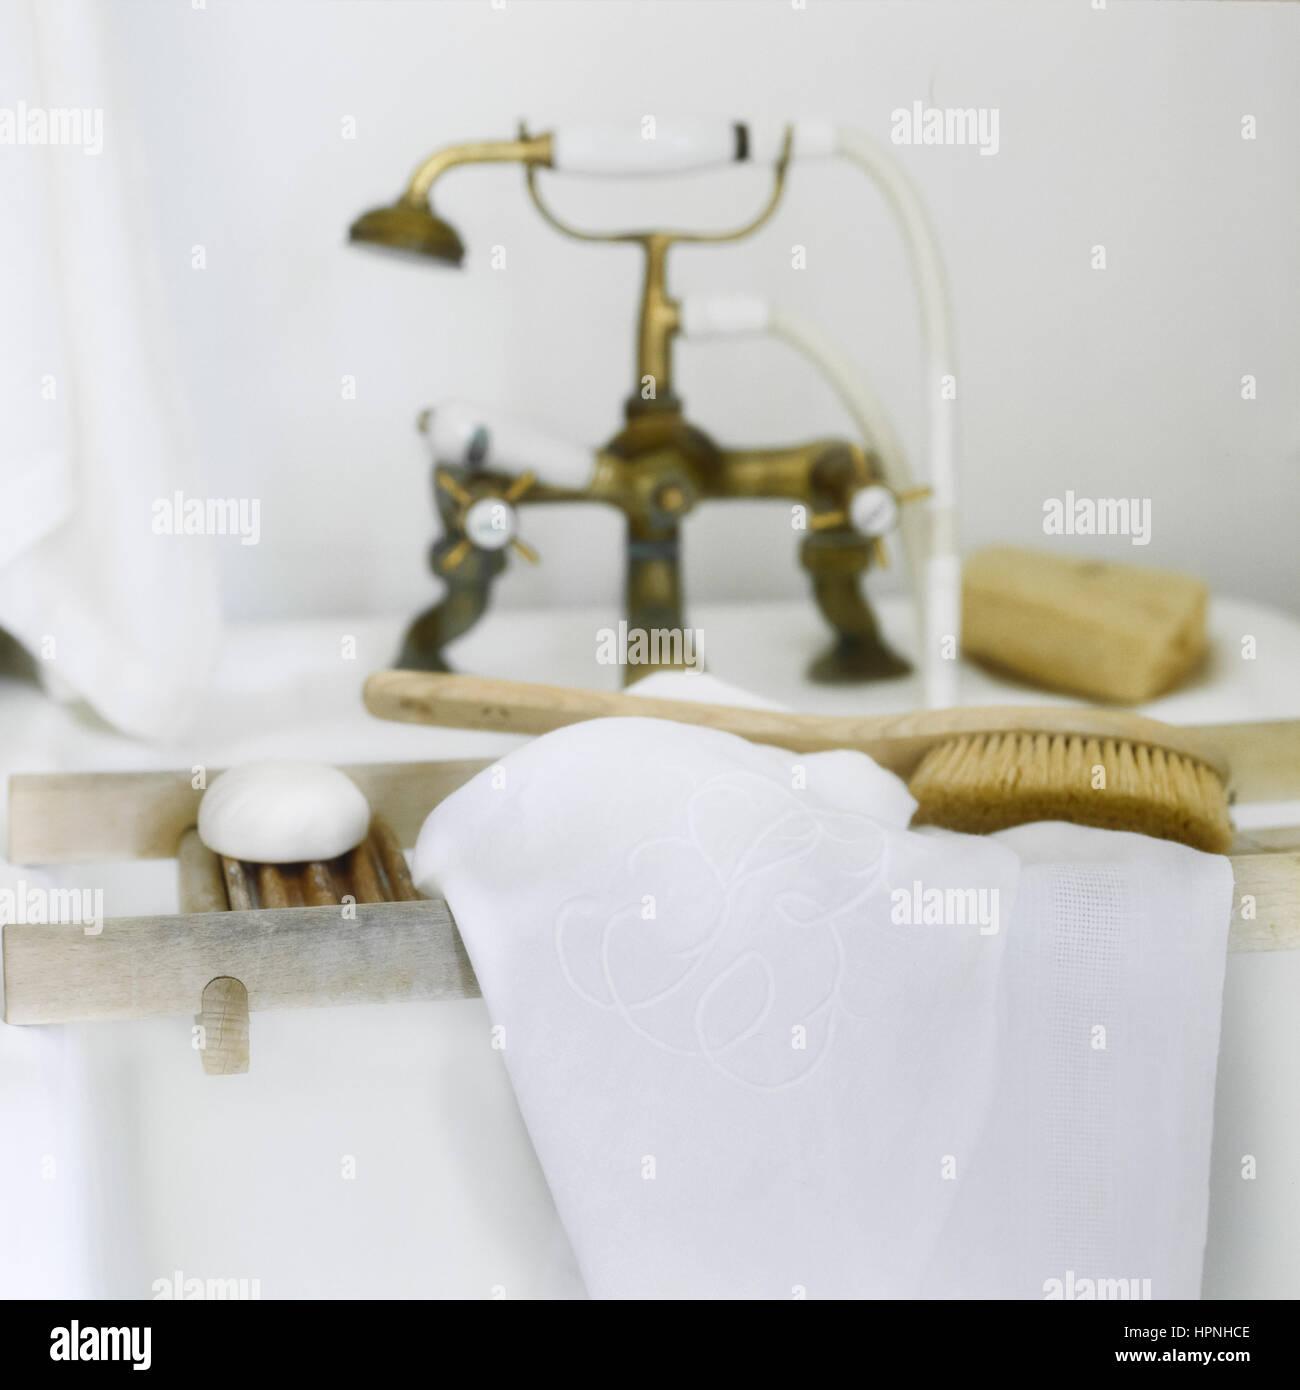 Toiletries on a bathtub rack. Stock Photo